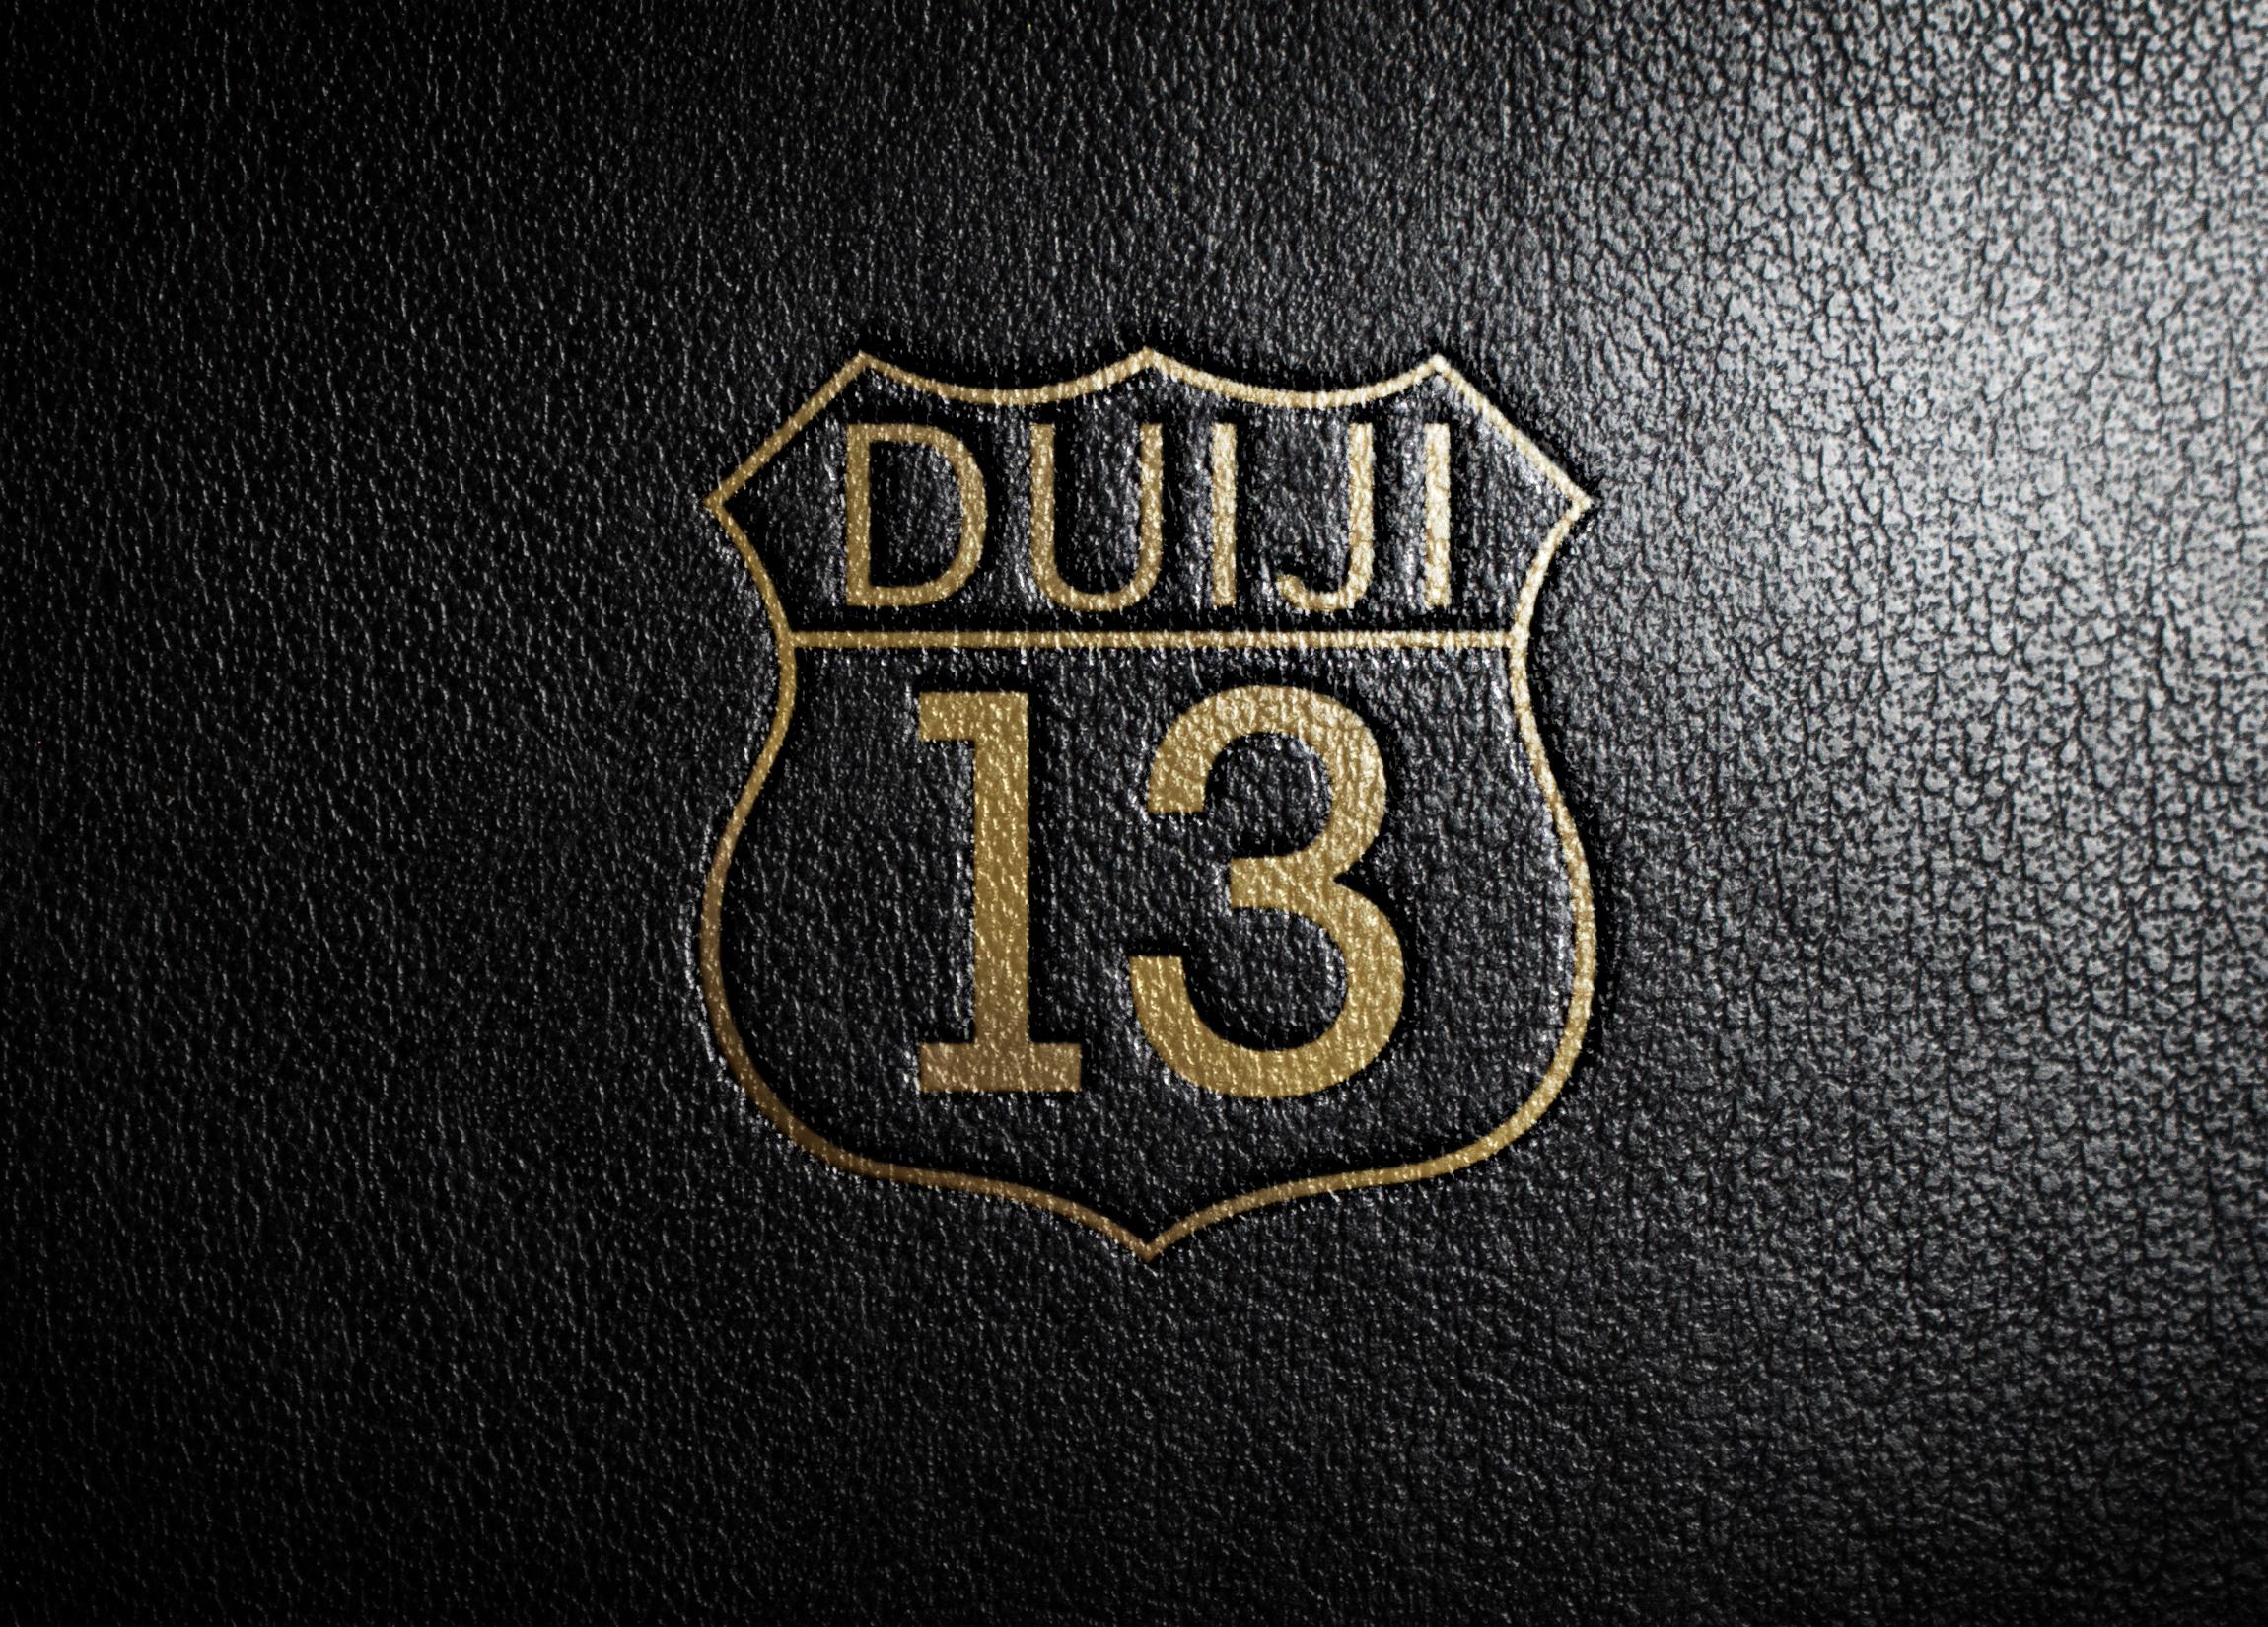 DUIJI 13_4